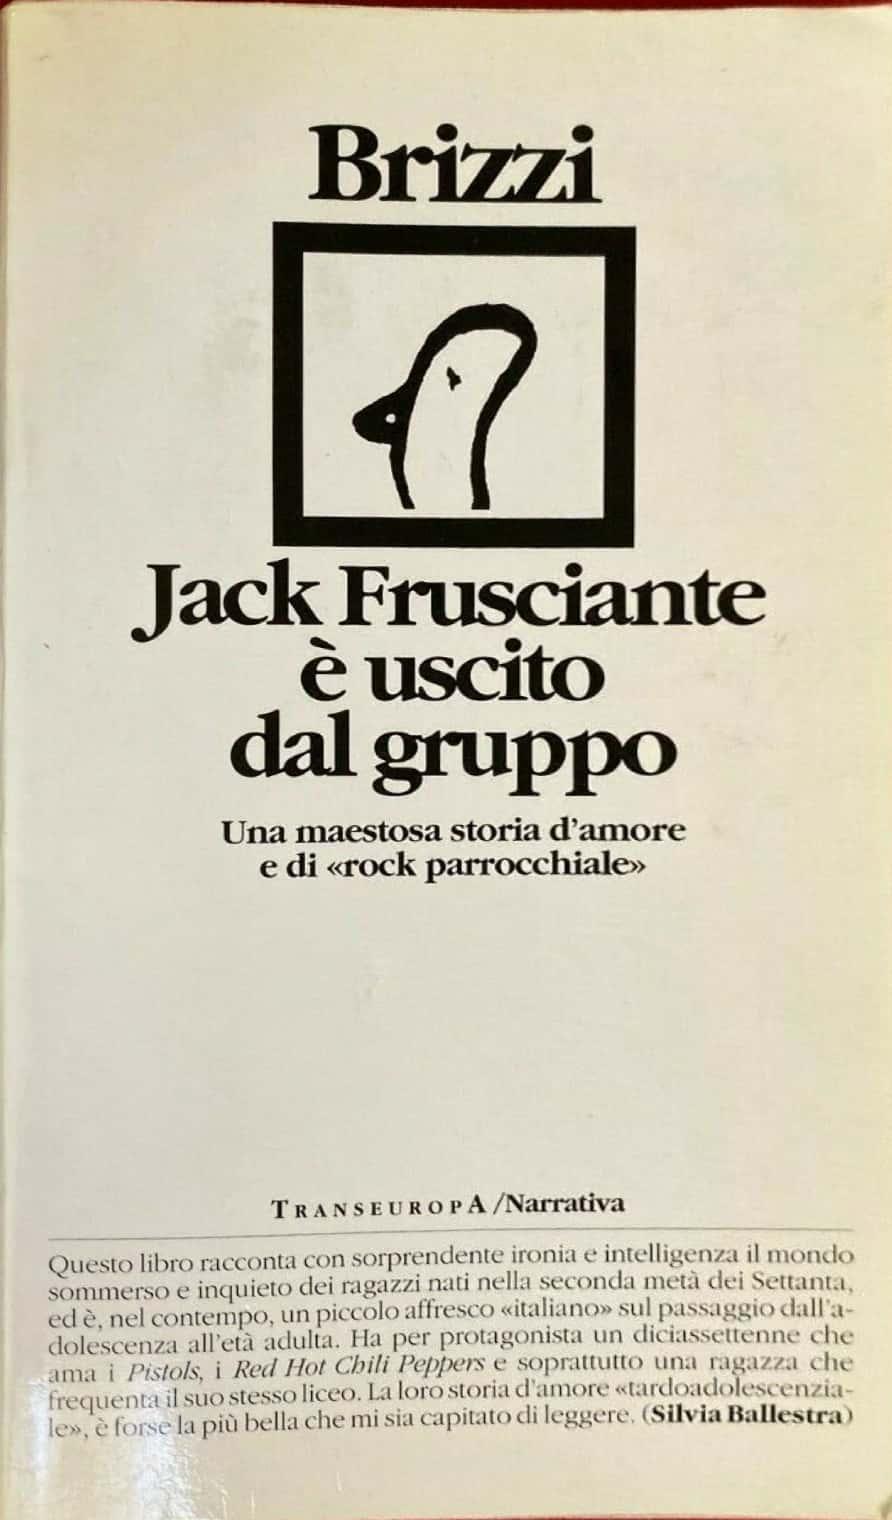 """su eBay è stata venduta la prima edizione di """"Jack Frusciante è uscito dal gruppo"""""""